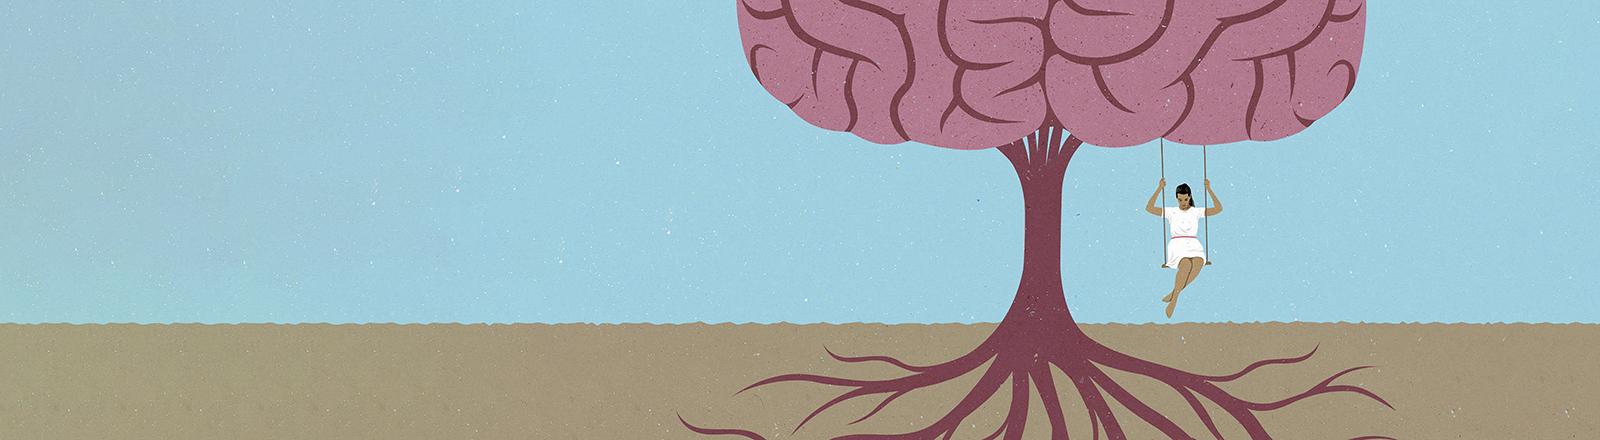 Eine grafische Darstellung eines Gehirns, an dem eine Frau, auf einer Schaukel sitzend, schaukelt